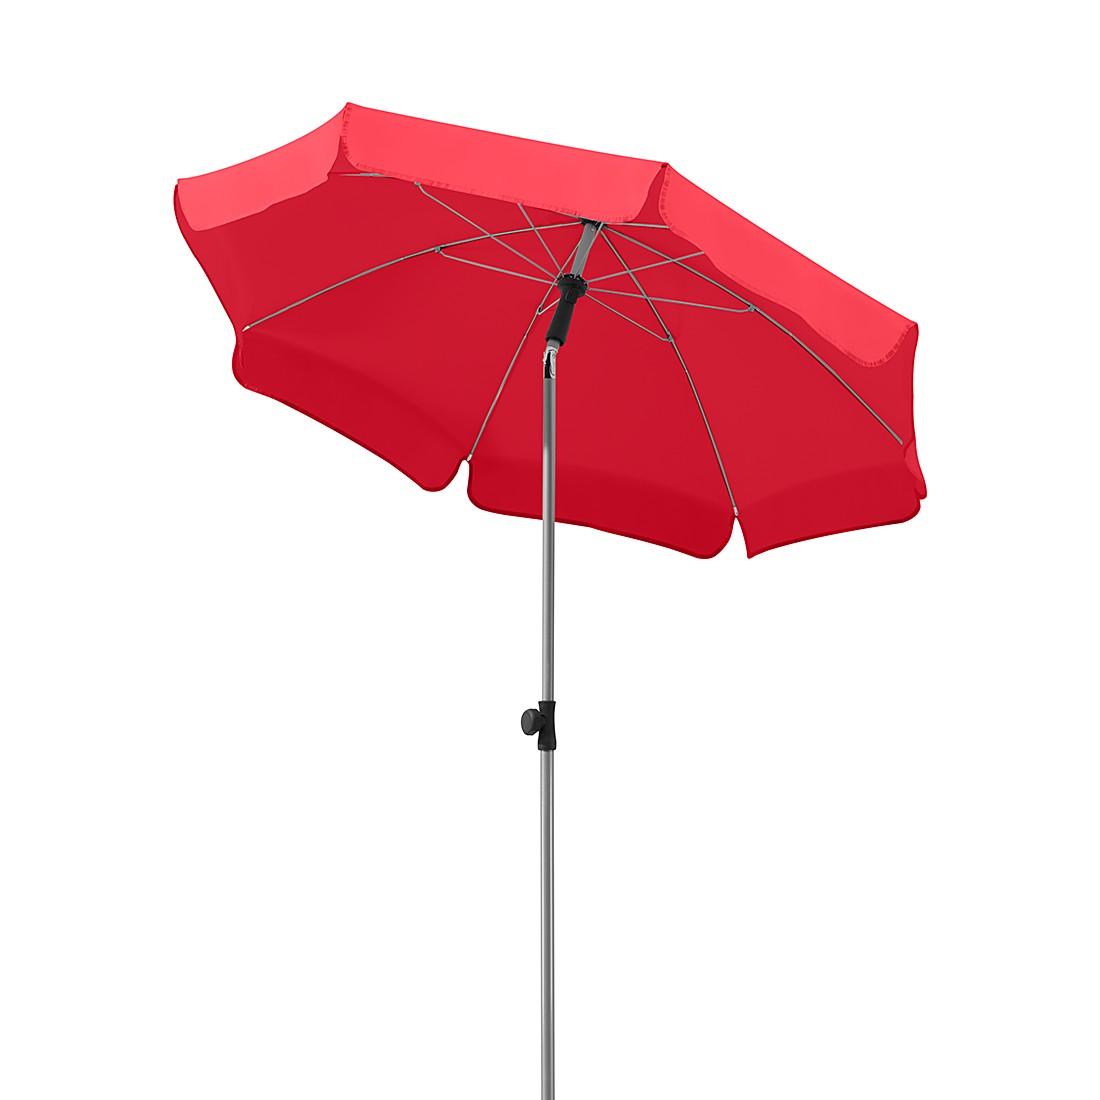 Lugano 150 Sonnenschirm - Stahl/Polyester - Silber/Rot, Schneider Schirme